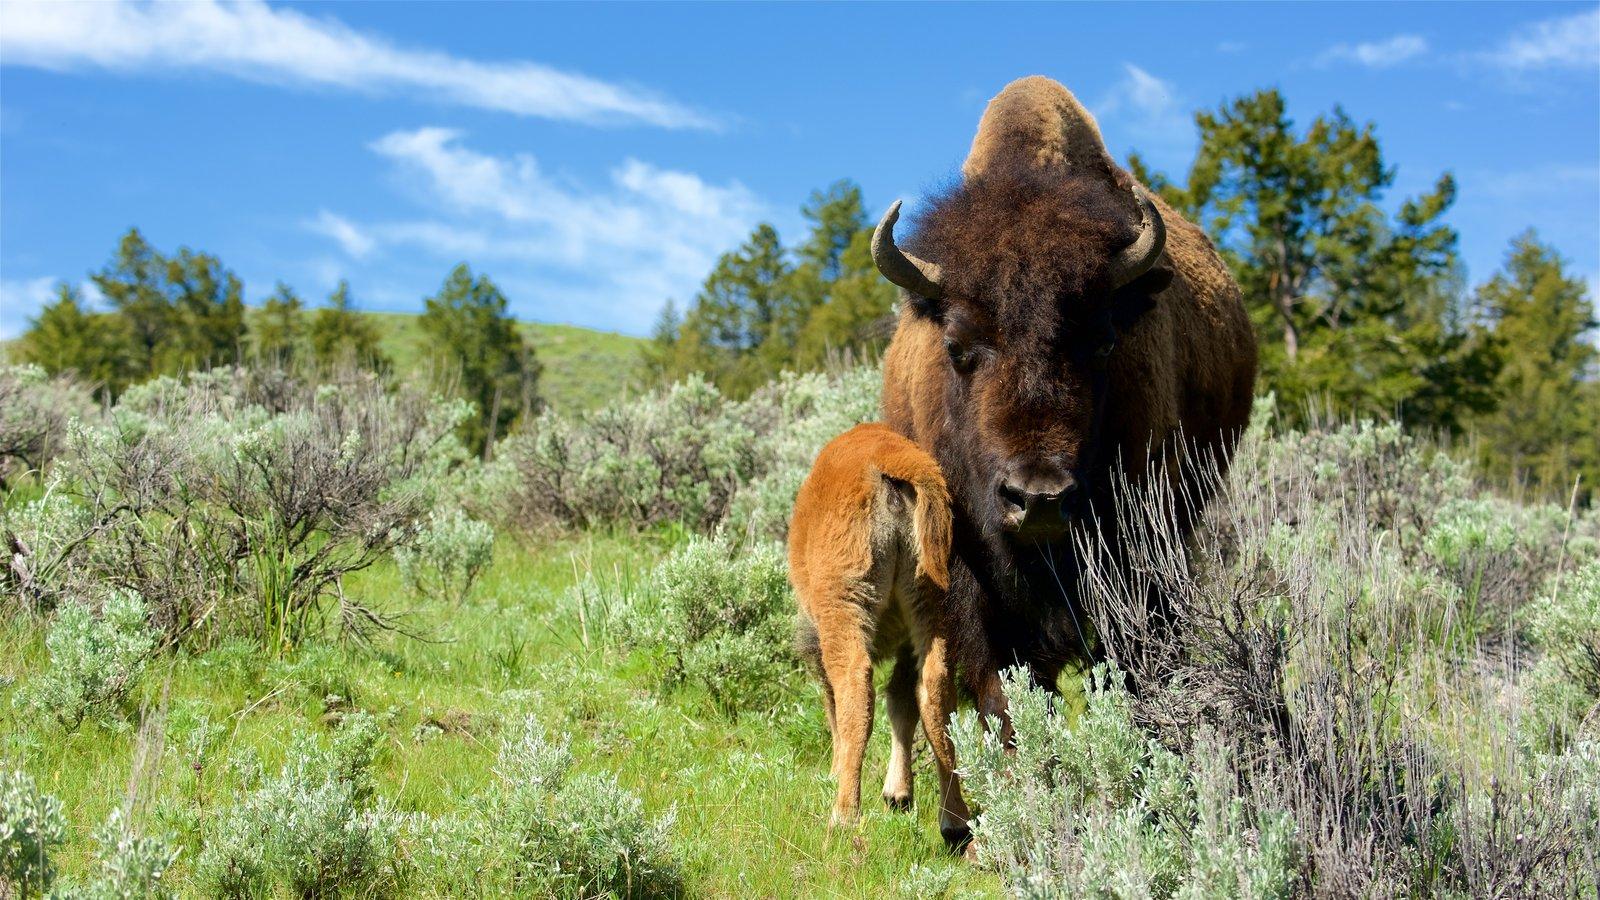 Yellowstone National Park caracterizando animais terrestres e cenas tranquilas